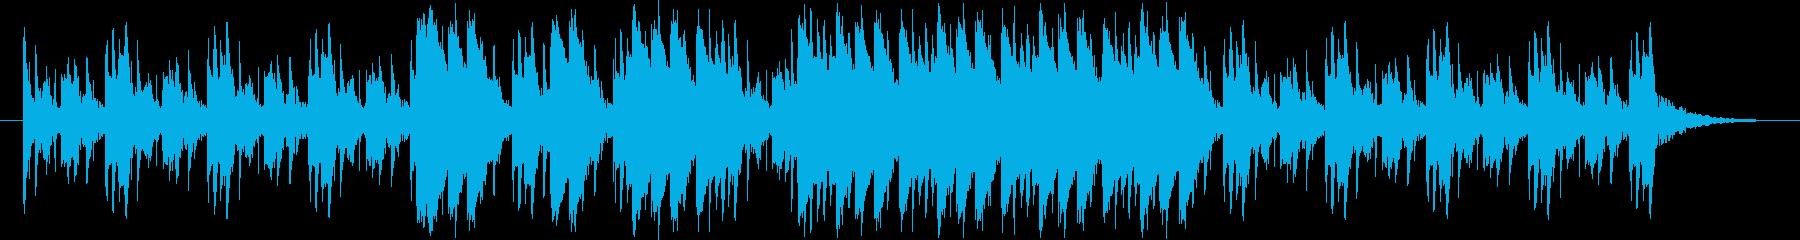 癒し系です。24bit,48kHz環境…の再生済みの波形